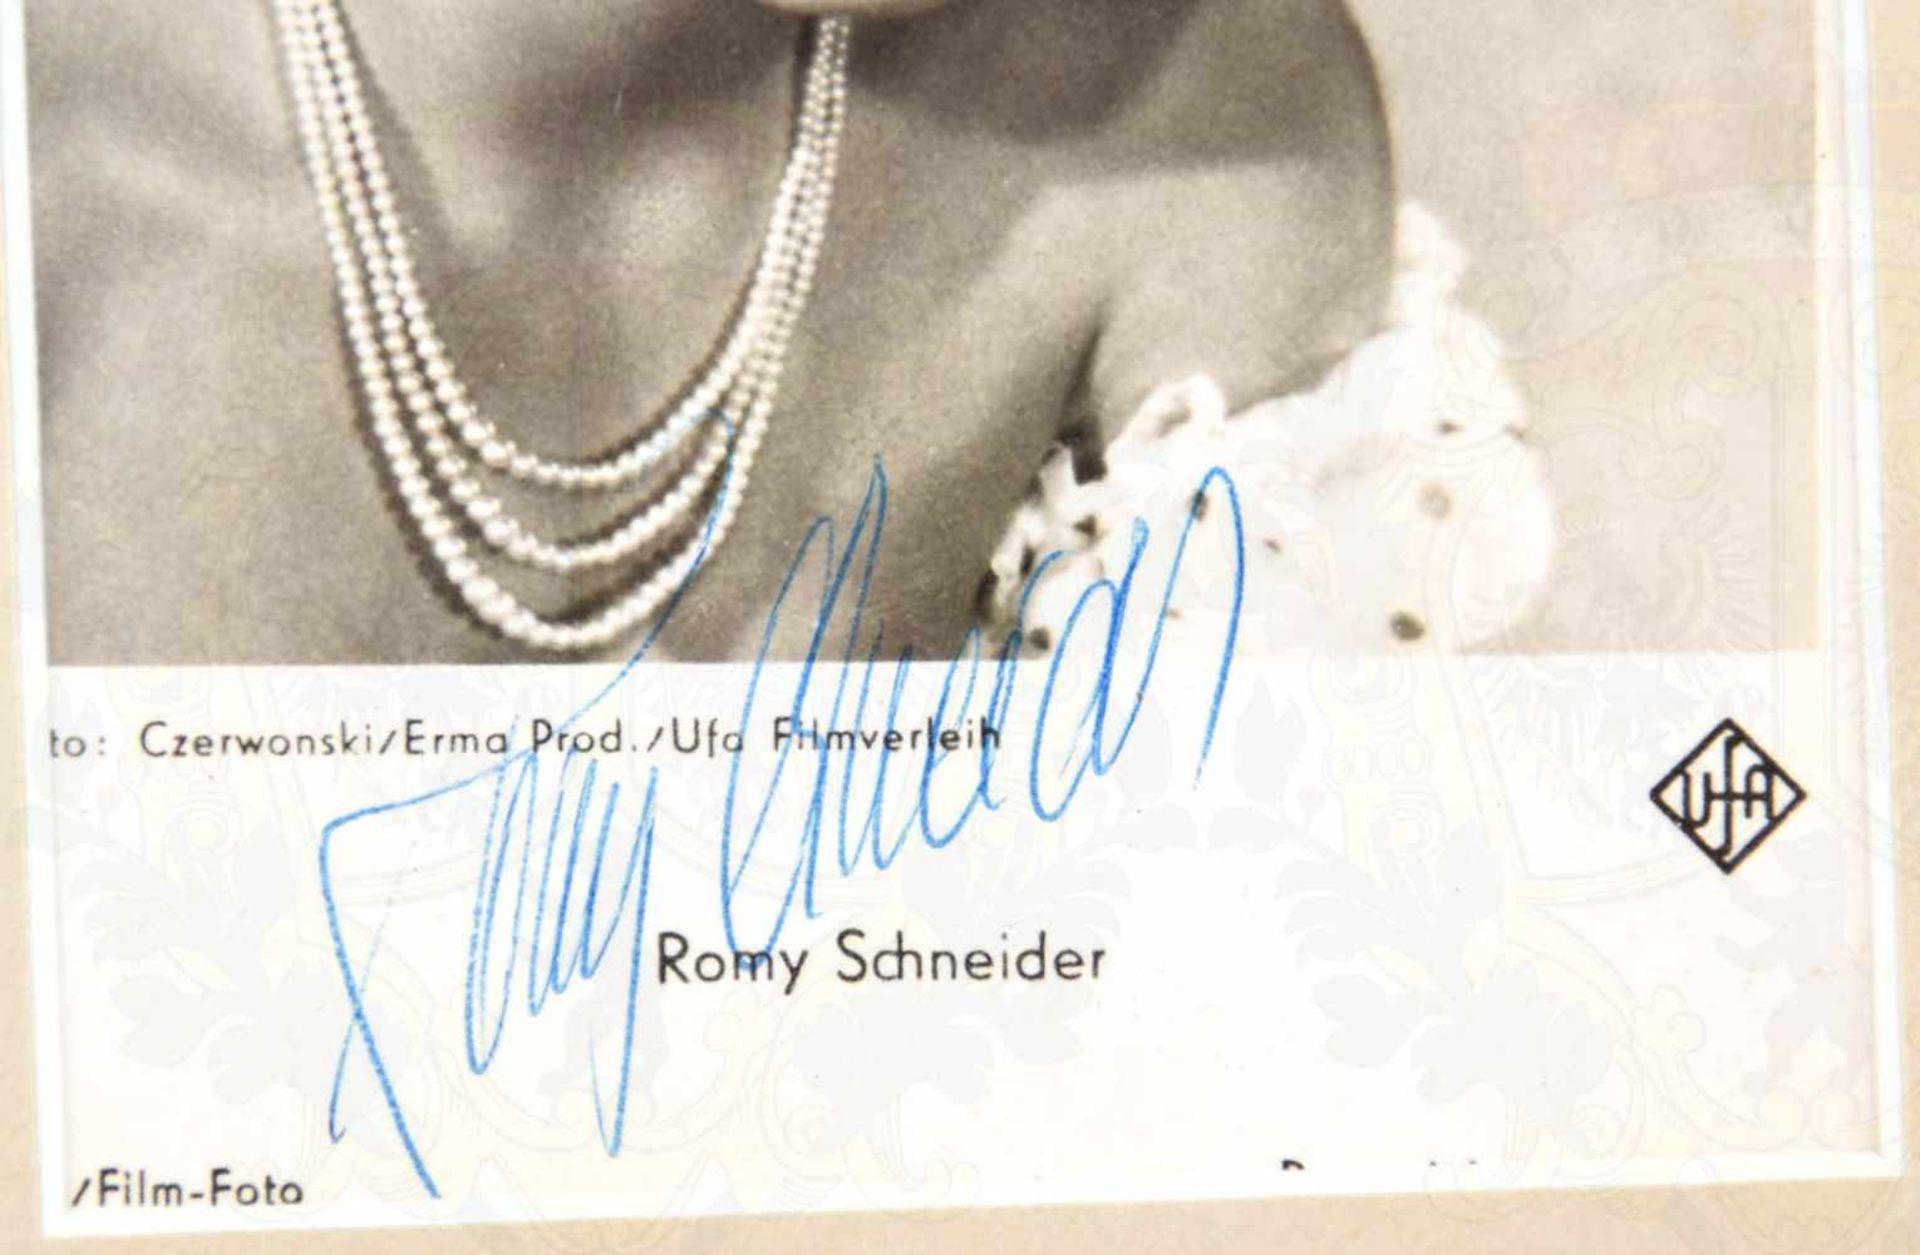 SCHNEIDER, ROMY, (1938-1982), Schauspielerin, Autogrammkarte m. Kugelschreiber-OU, Halbportrait um - Bild 2 aus 2